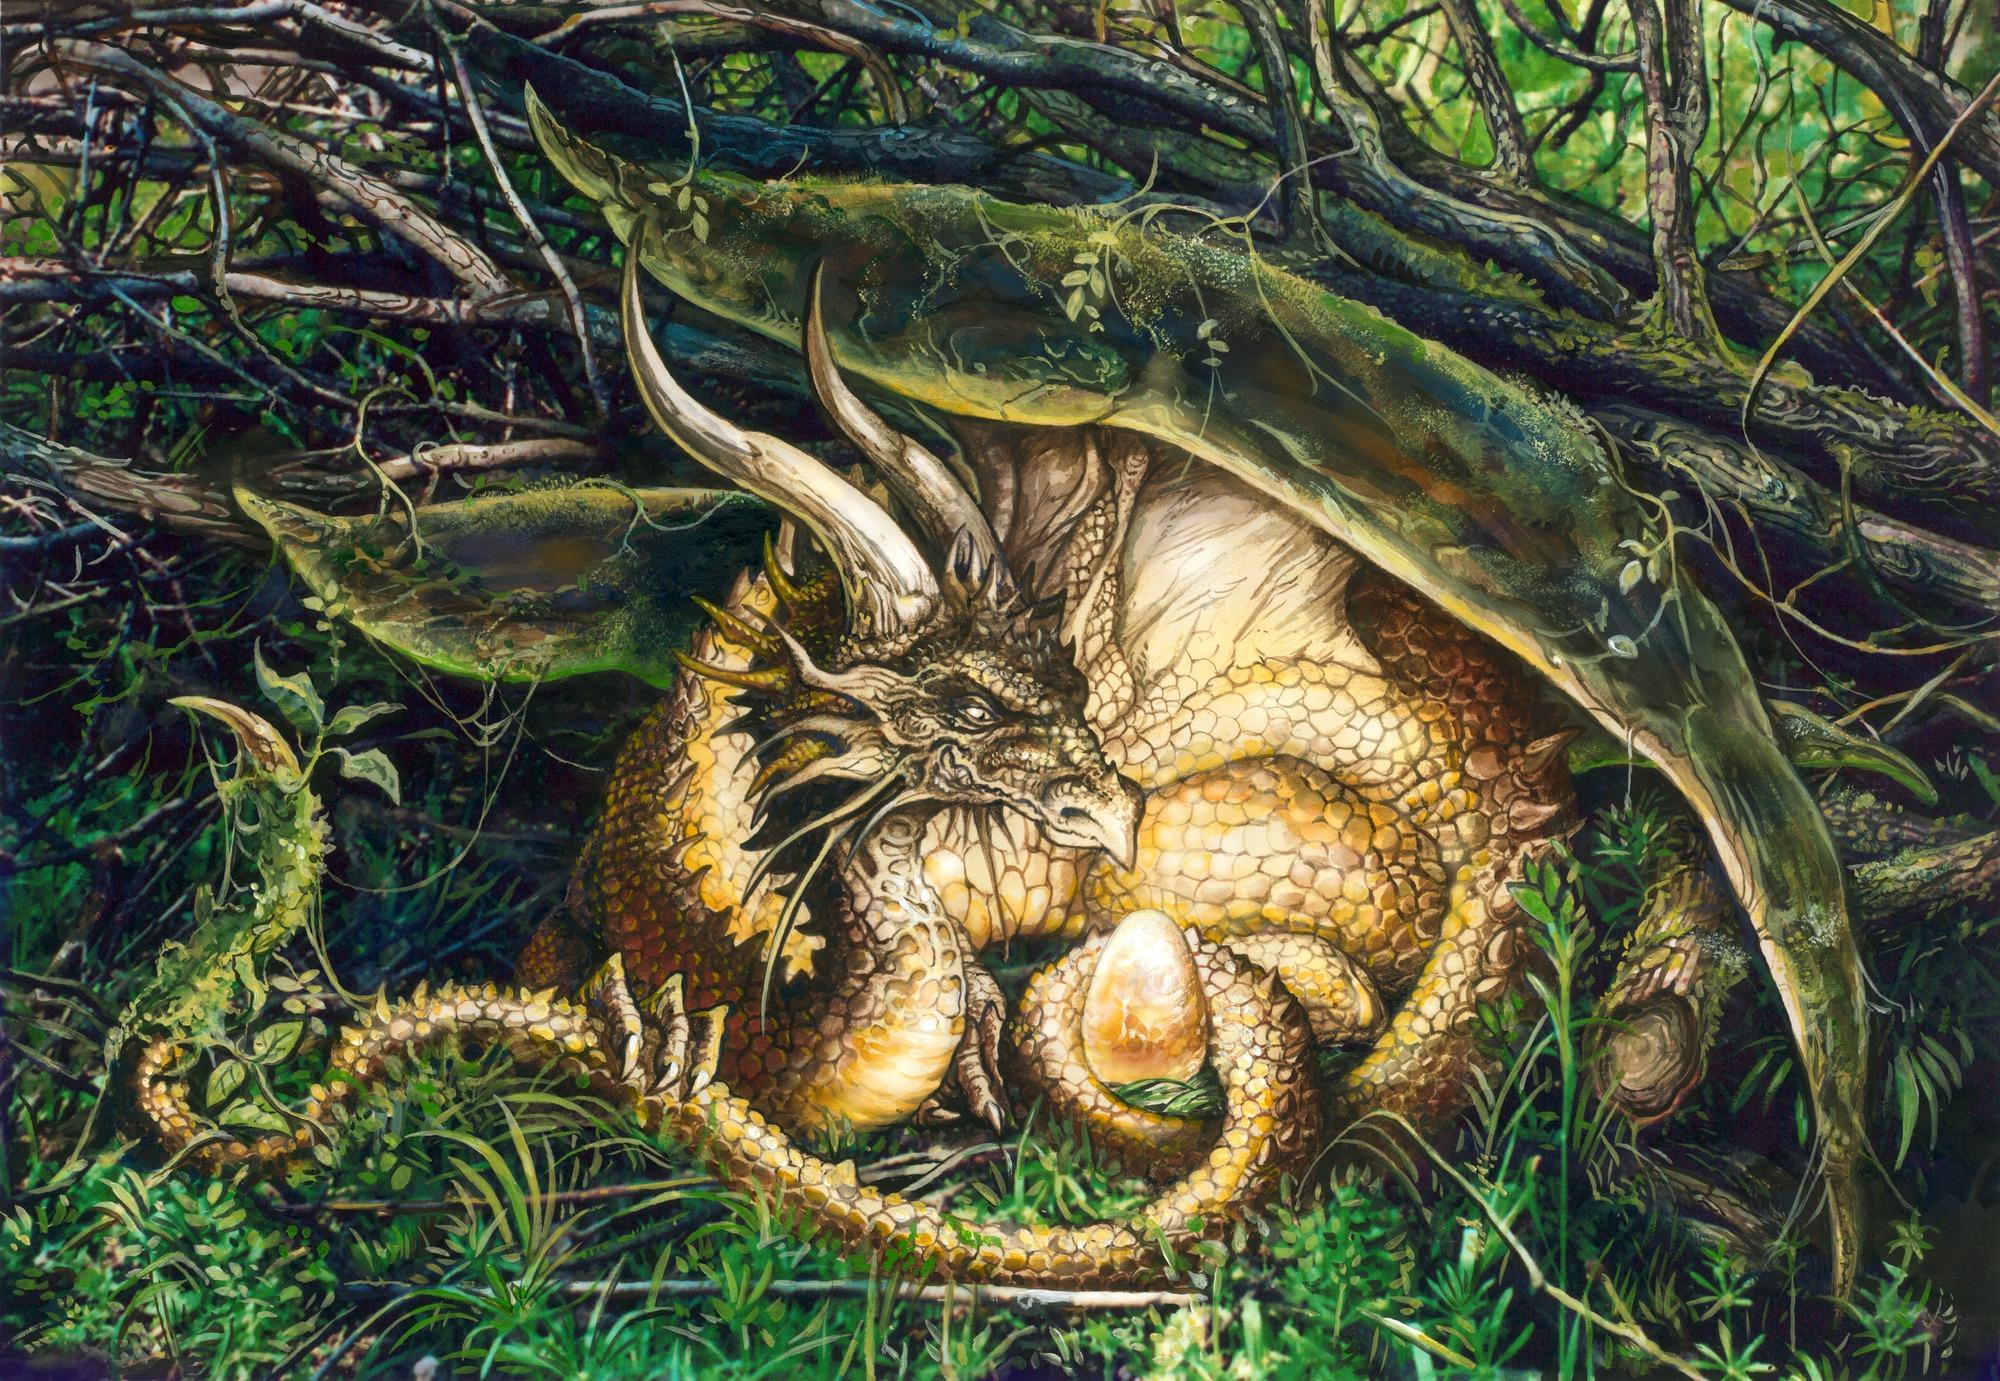 Dragons nest wall mural wallpaper wallsauce usa for Dragon mural wallpaper